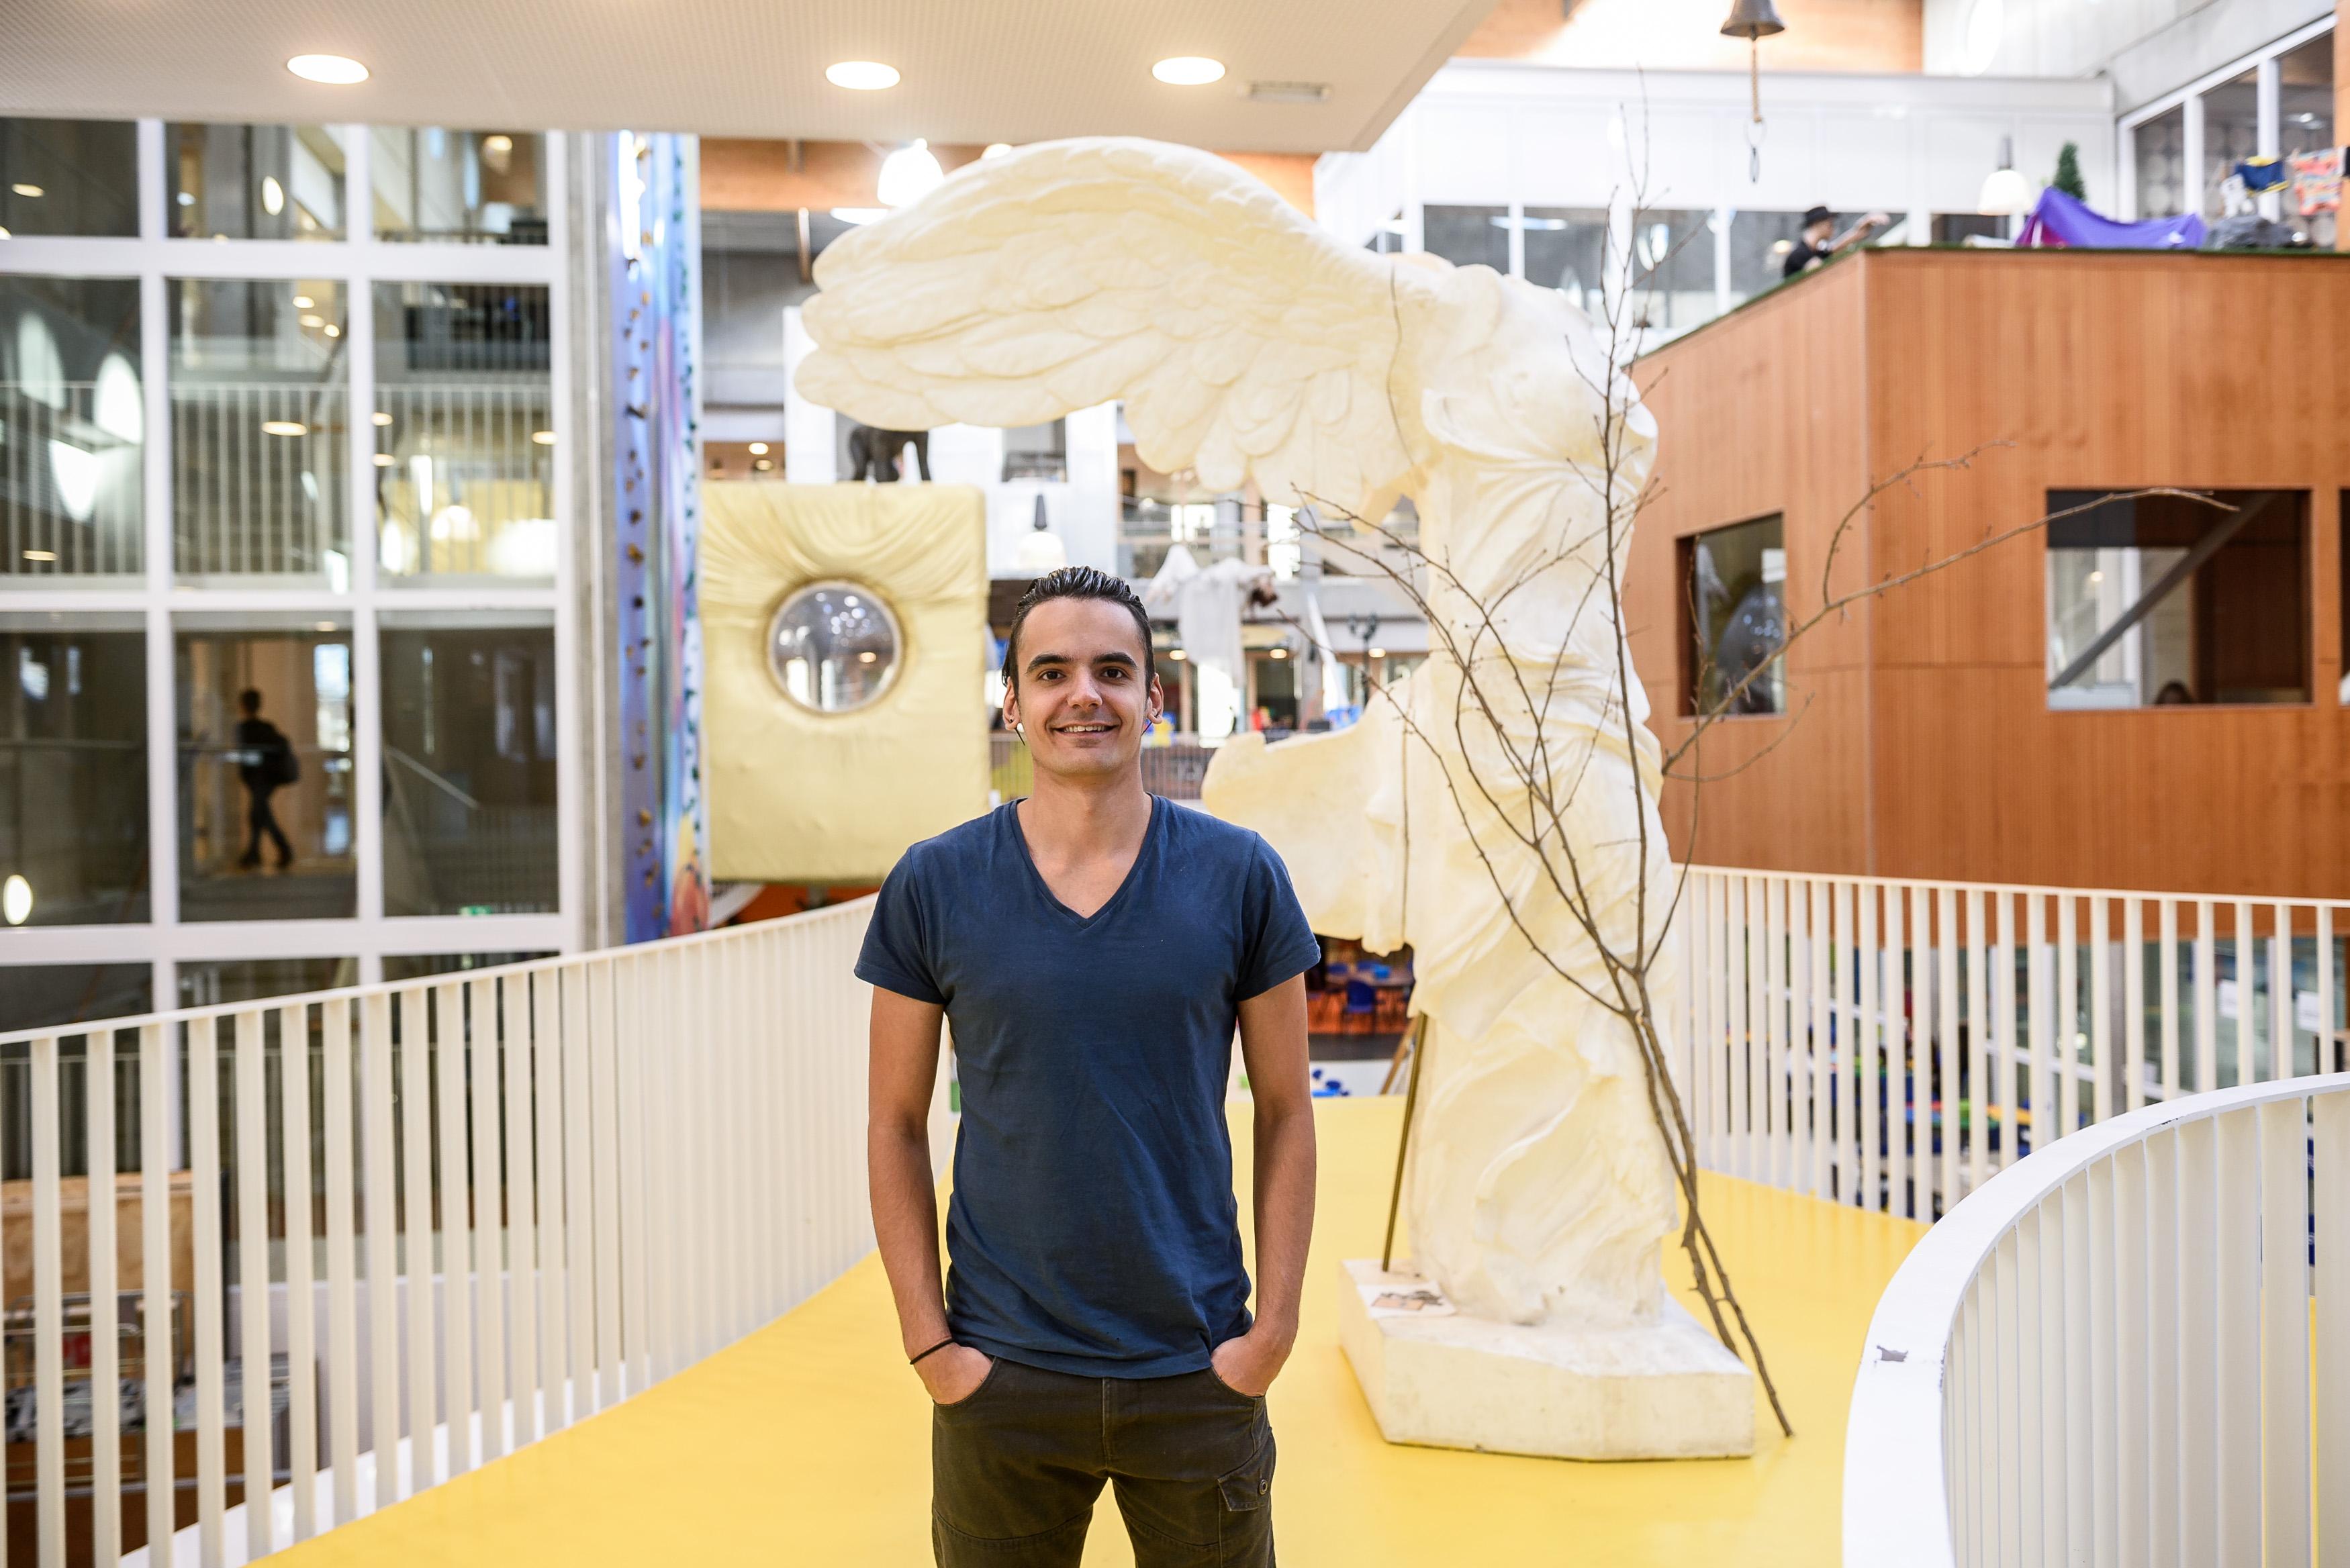 Ricardo Hendriks is concierge bij Niekee in Roermond. Voor kanjerverhaal van de Donderberg